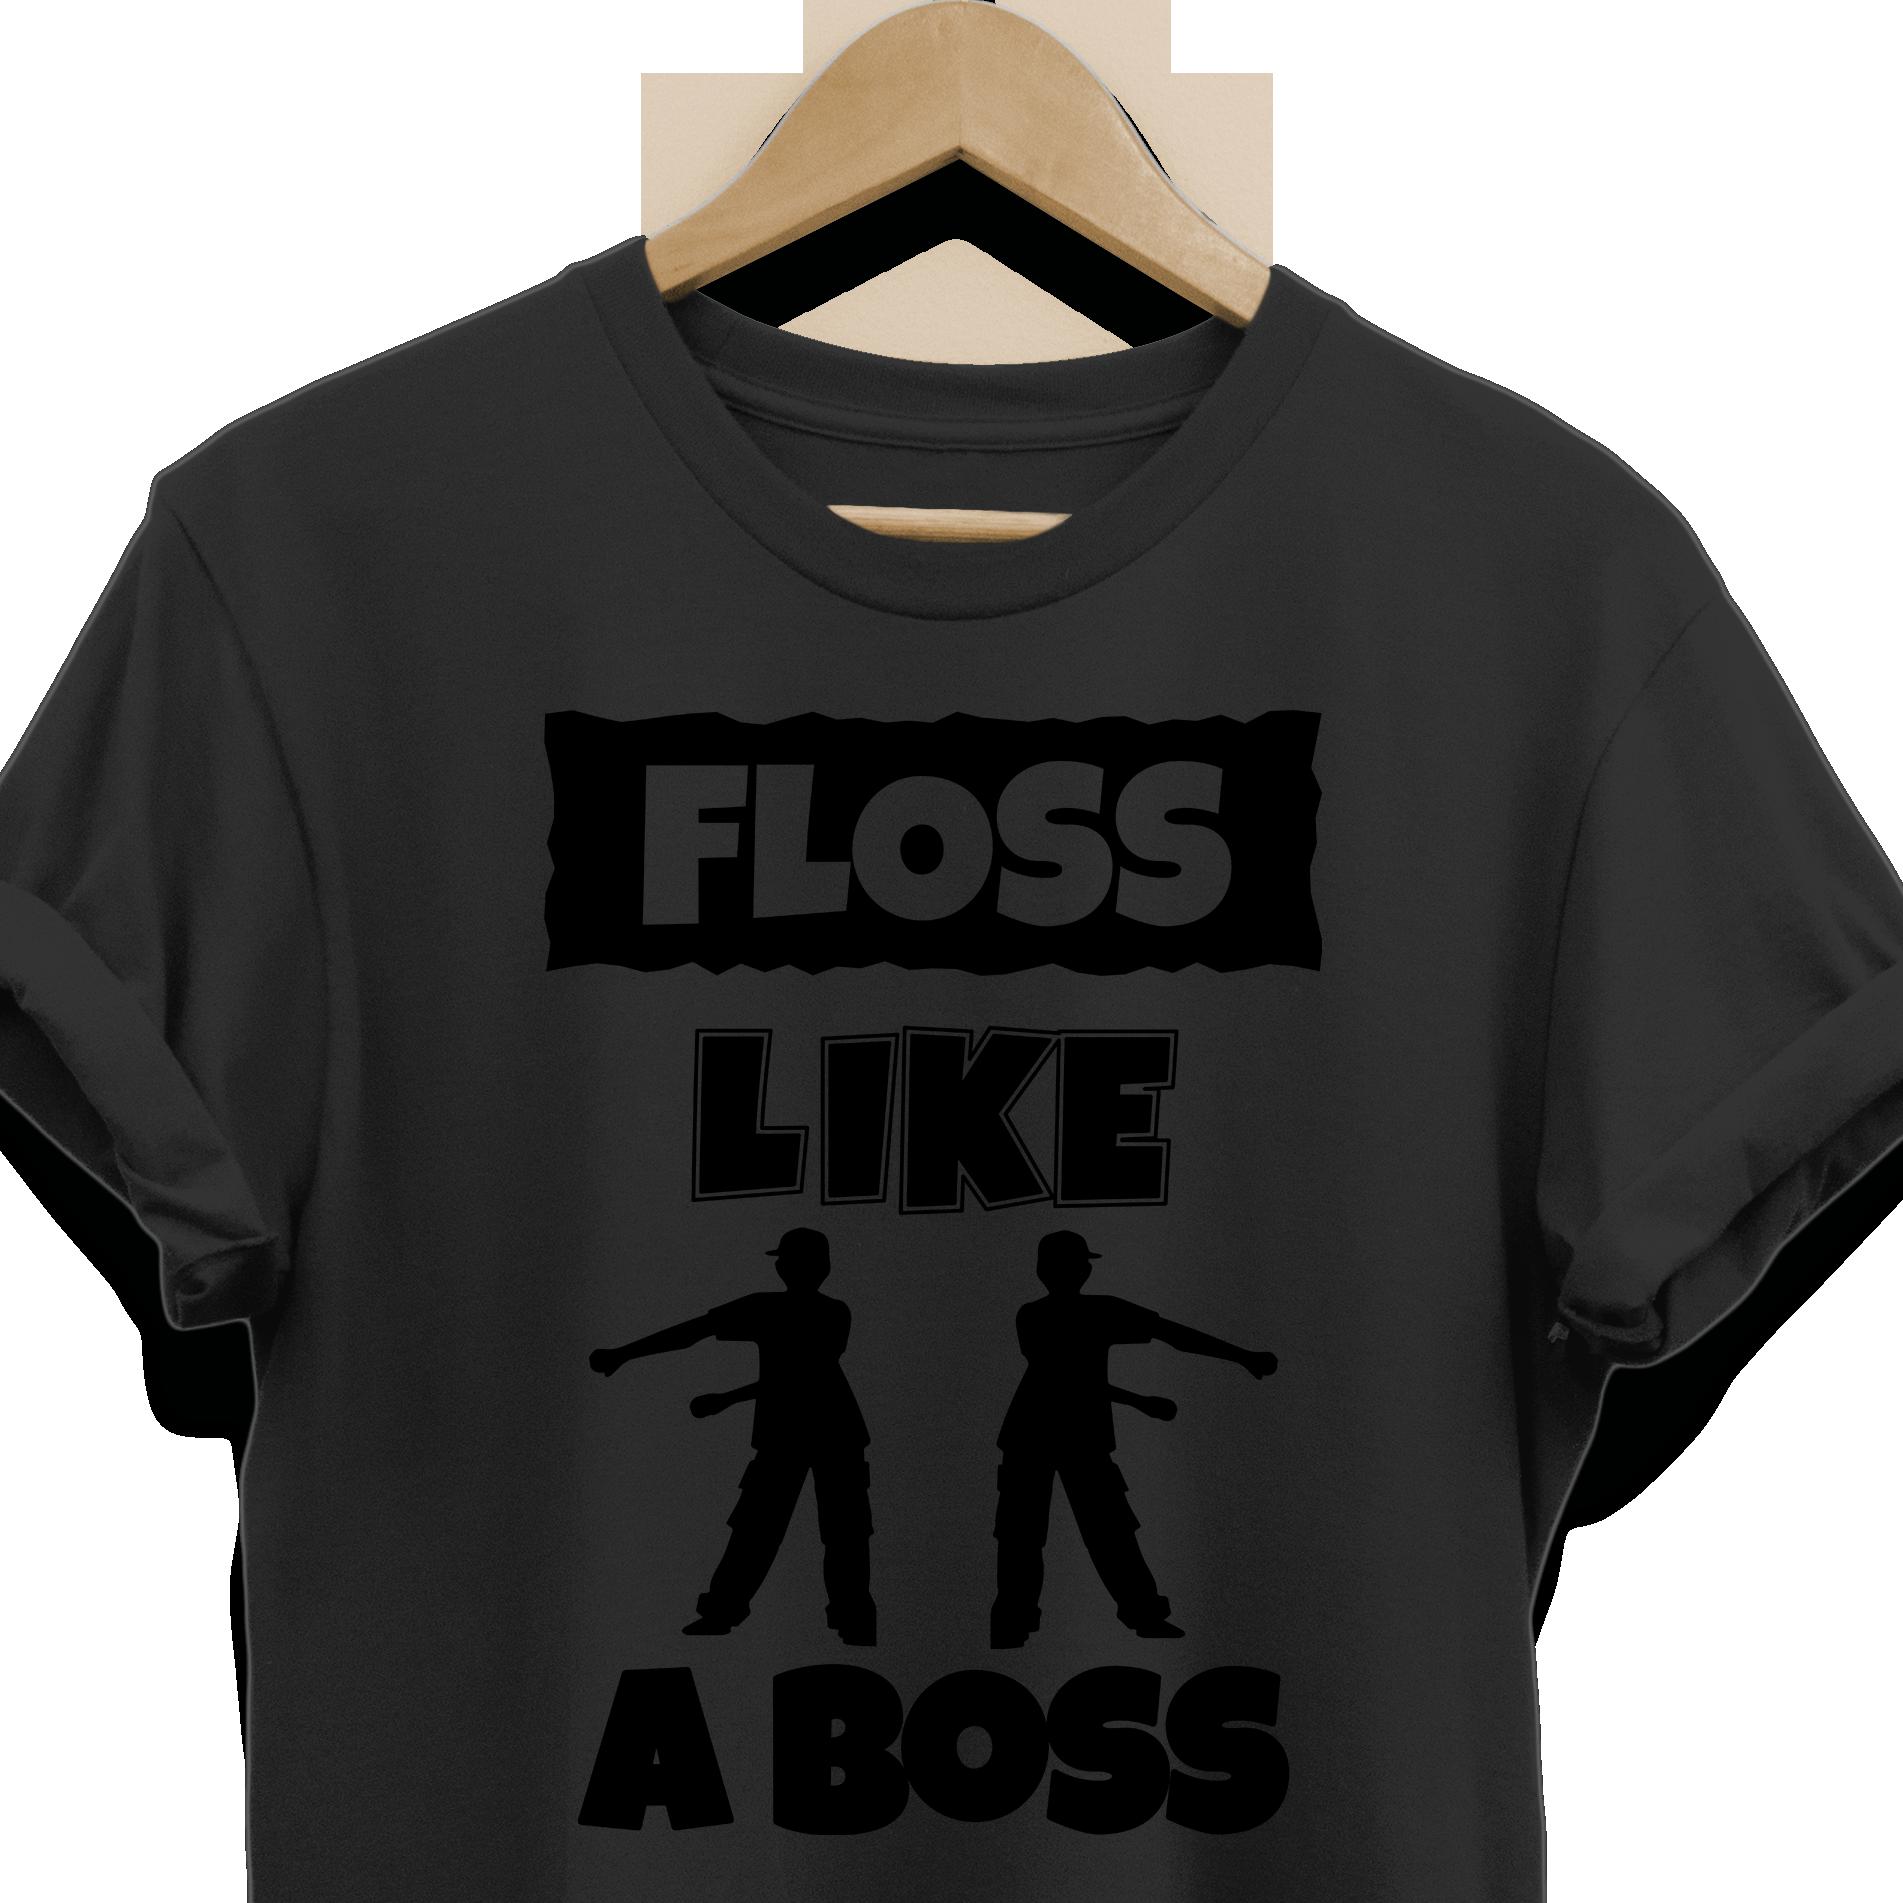 Floss Like A Boss Tee Shirt For Men Women Boys Girls Kids Flossing Dance Gifts For Dancers Mens Shirts Boss Tee Tee Shirts [ 1903 x 1903 Pixel ]